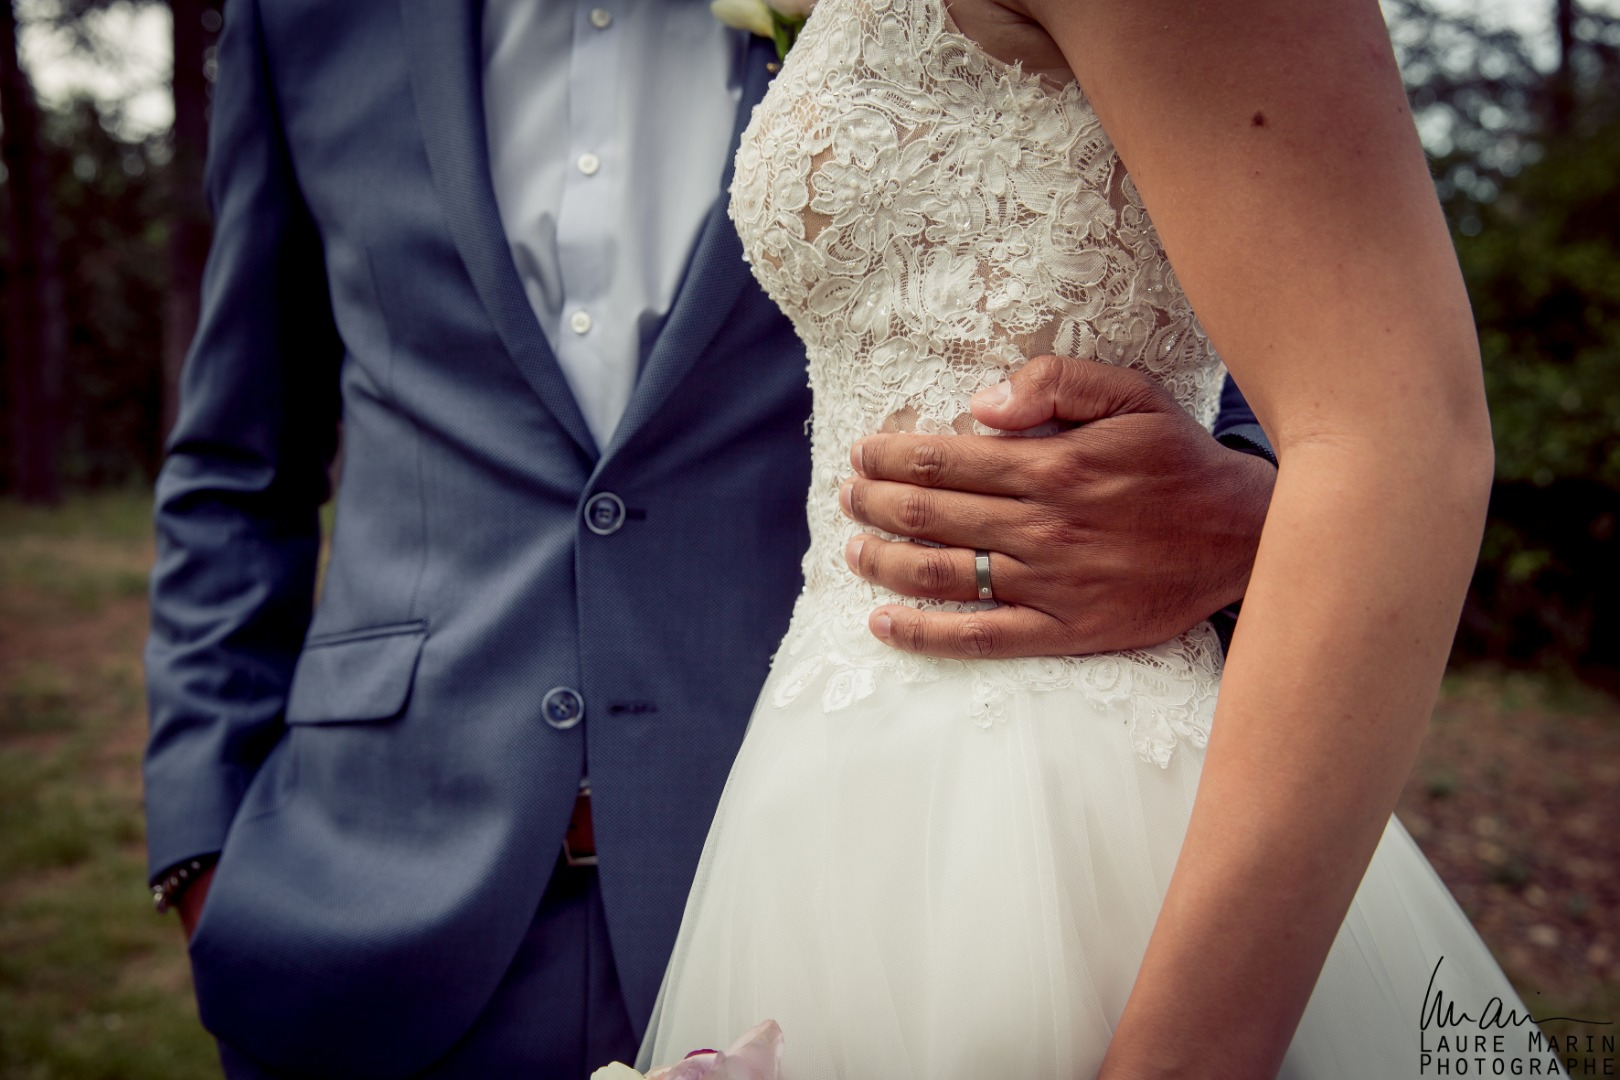 Tenue des mariés enlacés La Dolce Vita Organisation mariage Toulouse.jpg